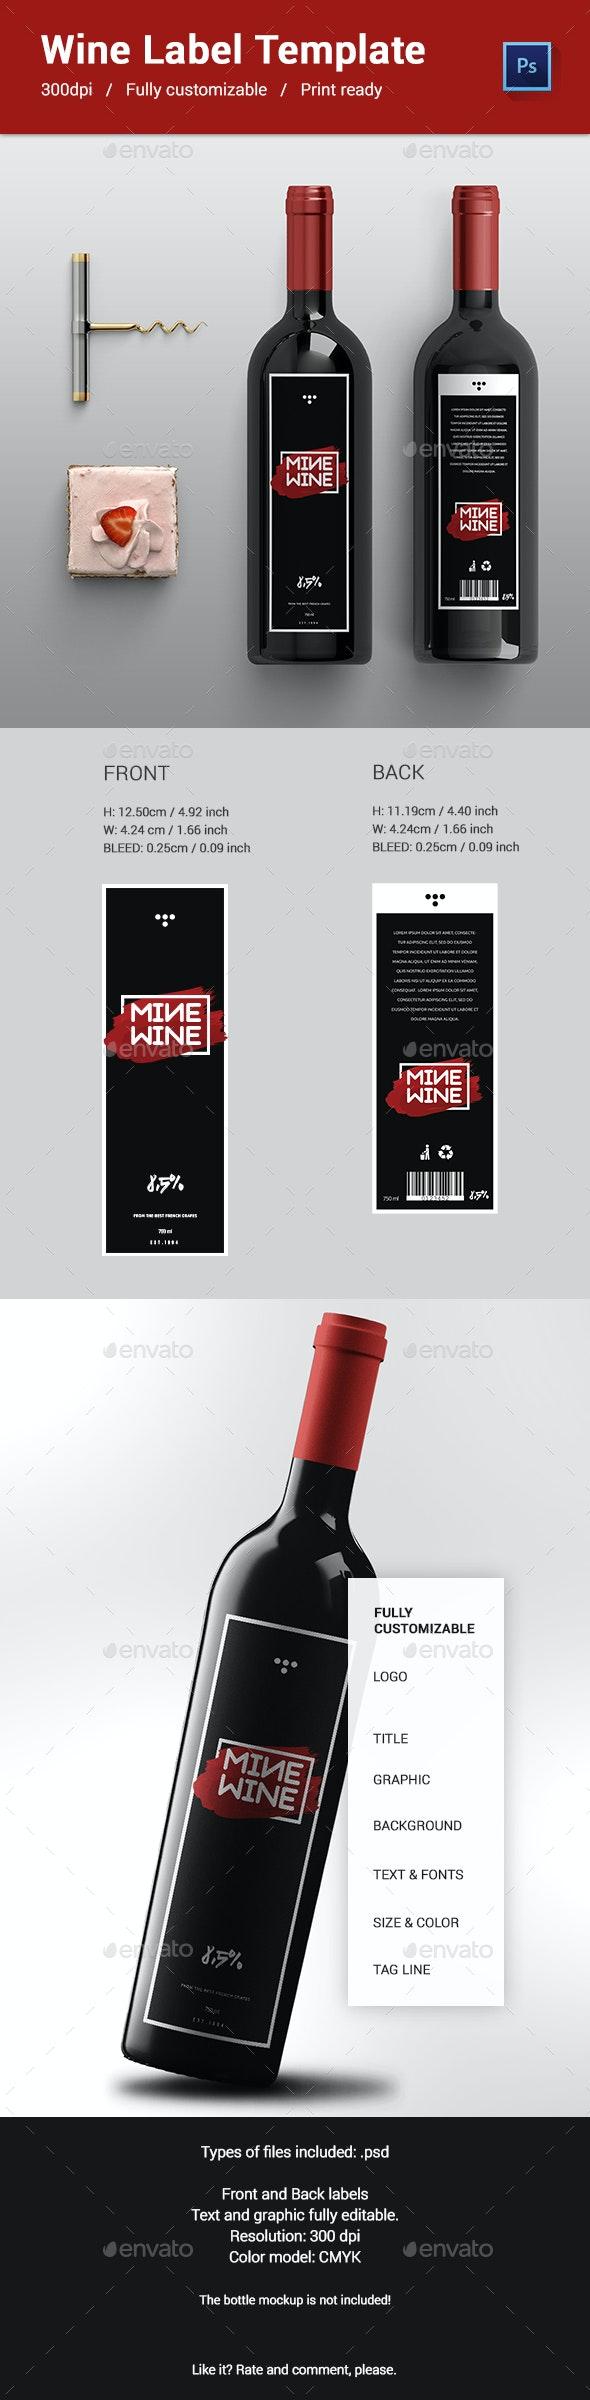 Mine Wine Label Template